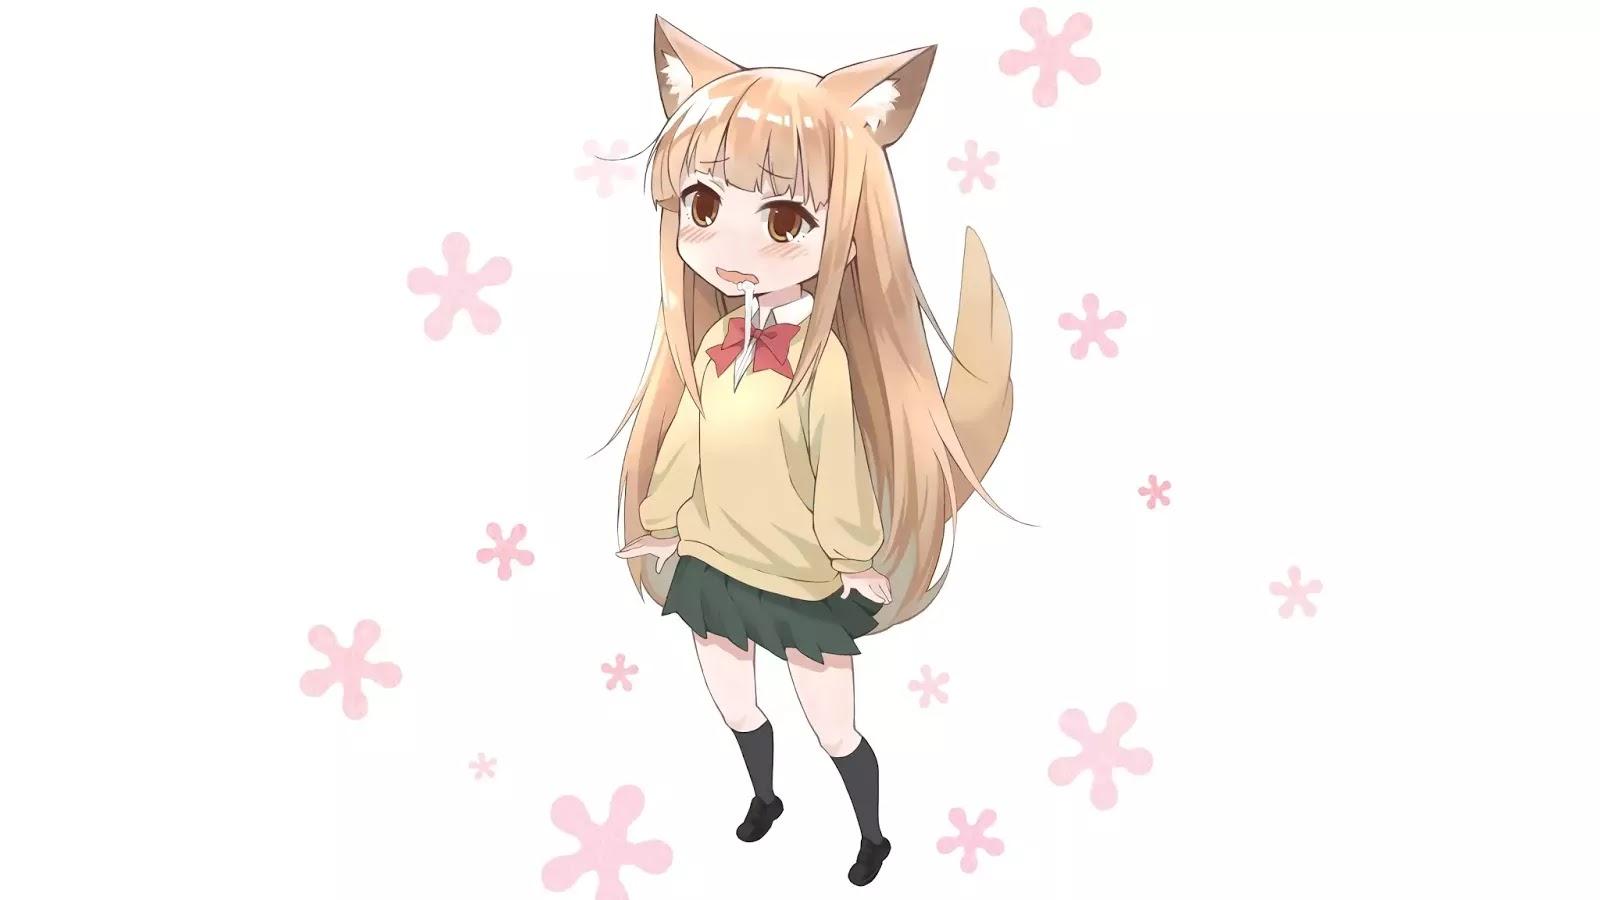 AowVN%2B%252844%2529 - [ Hình Nền ] Loli cực đẹp , cực độc Full HD | Anime Wallpaper